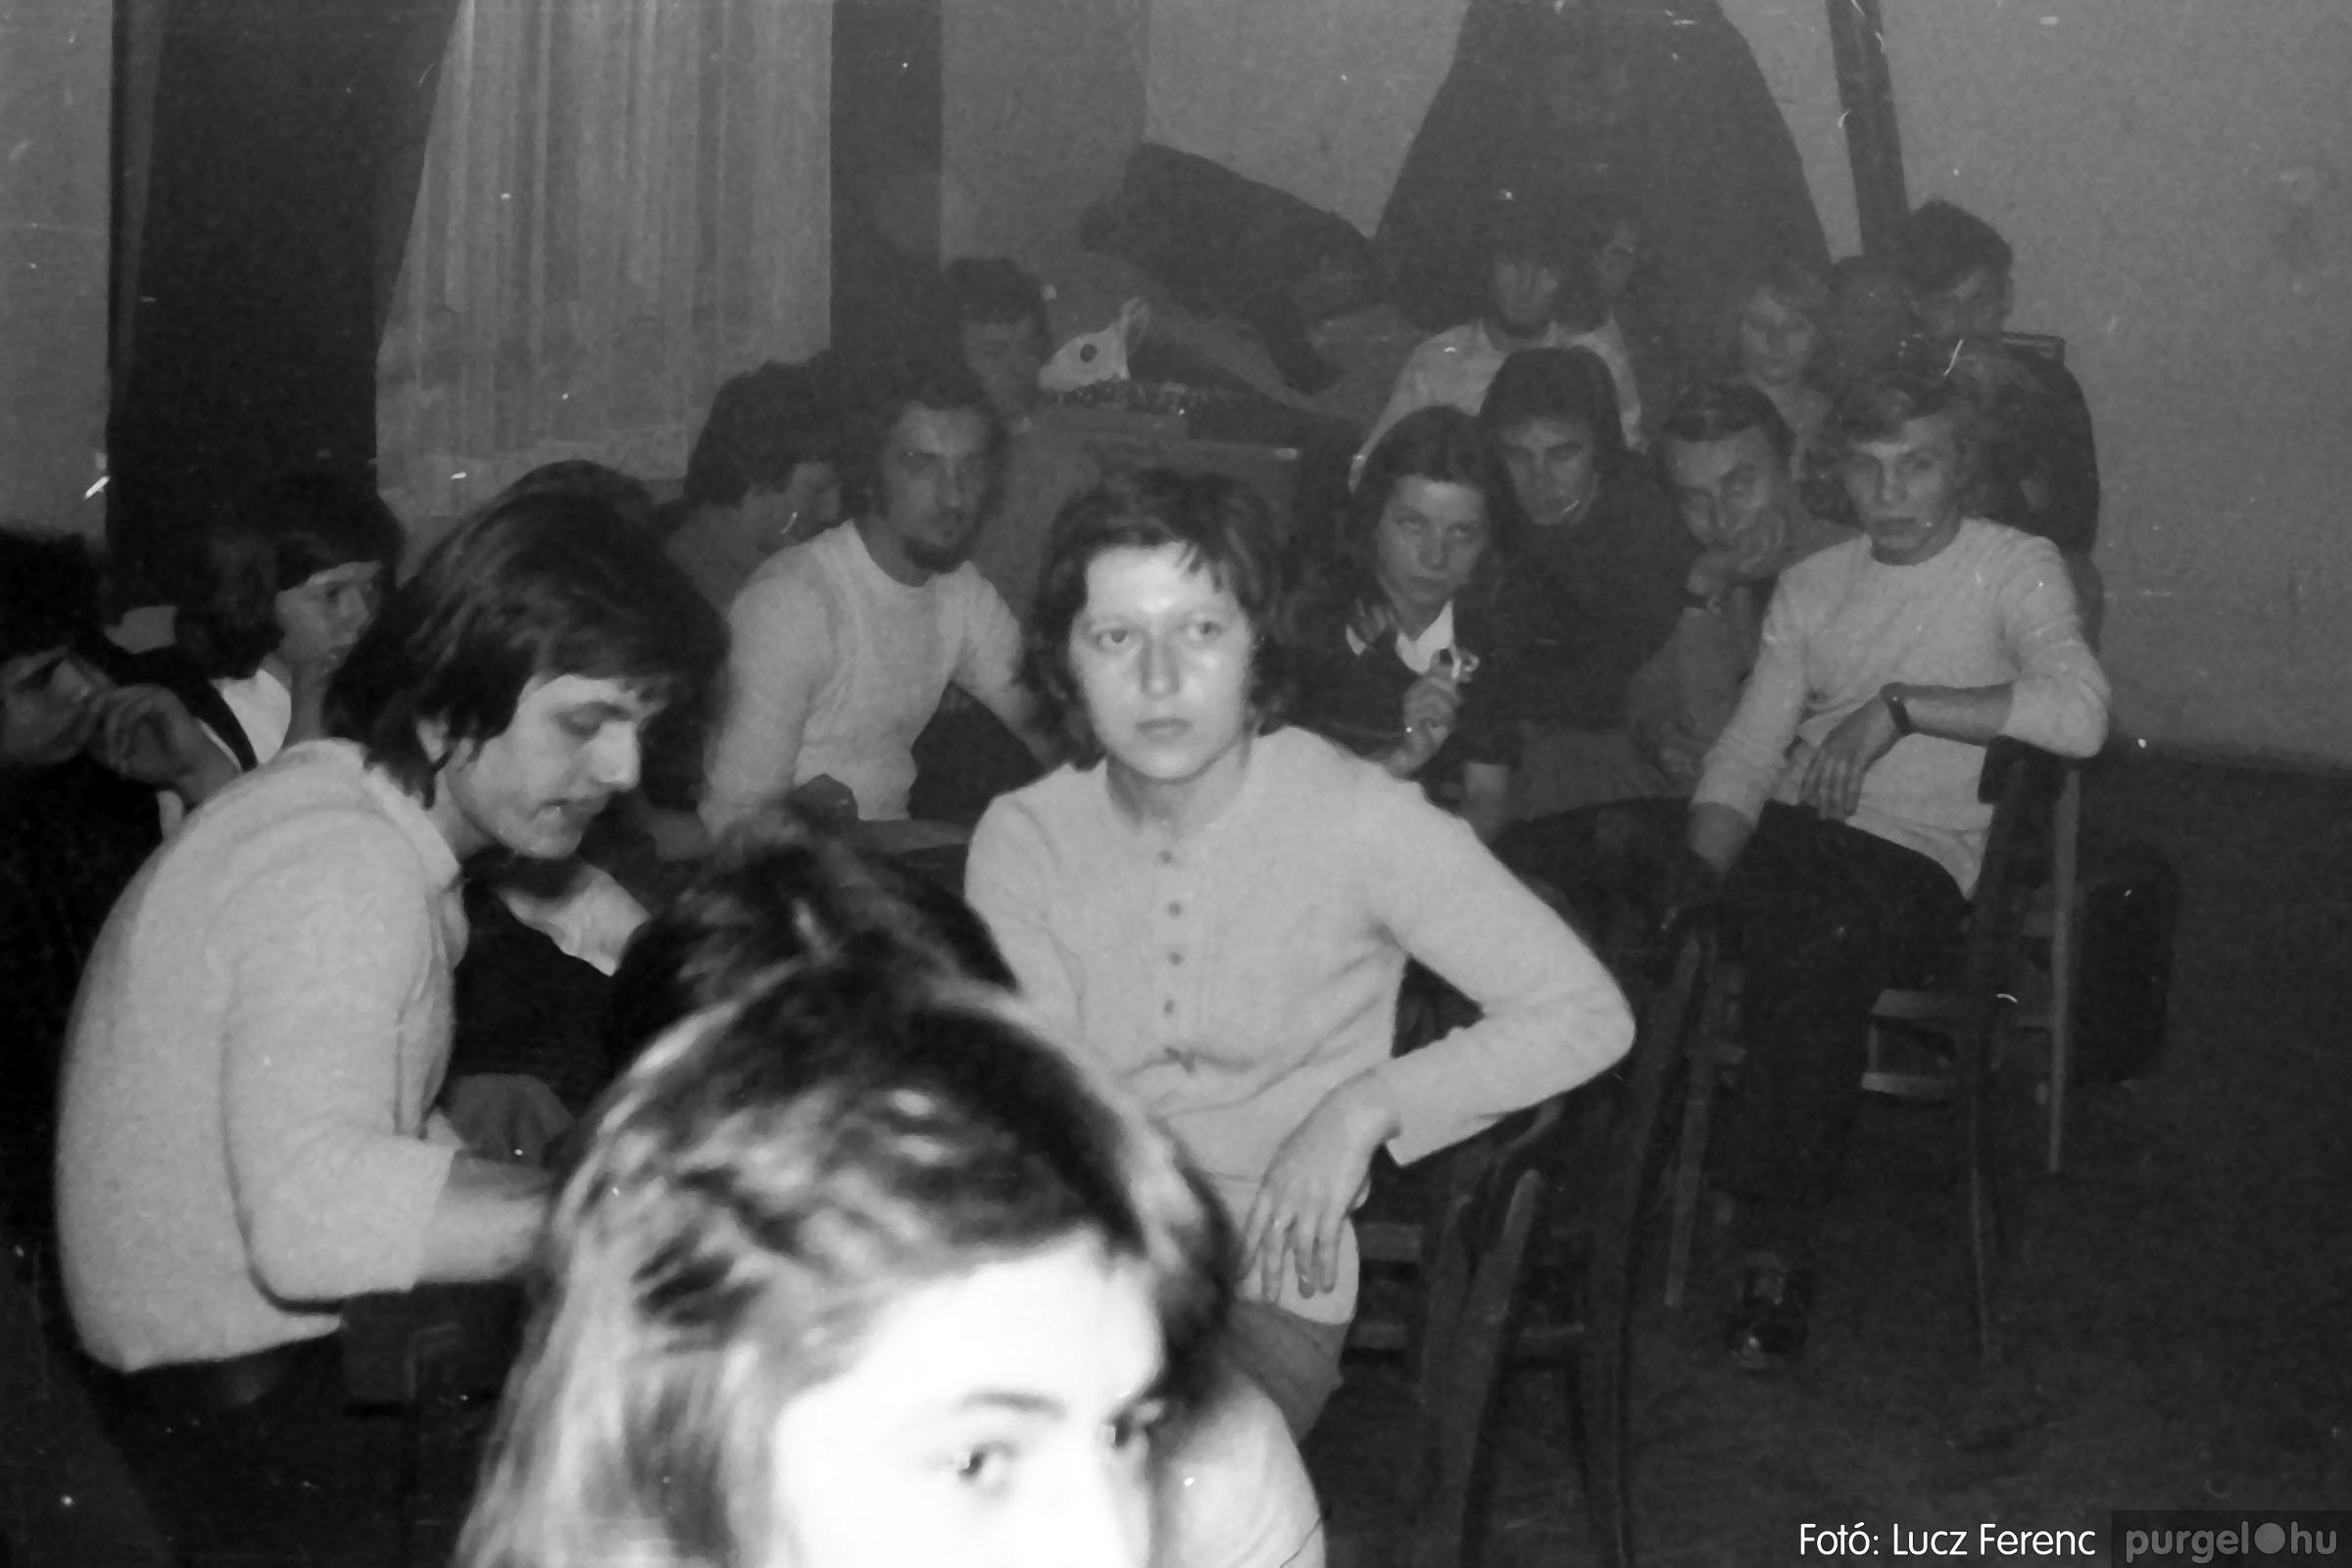 018-019 1975. Élet a kultúrházban 010 - Fotó: Lucz Ferenc IMG00051q.jpg